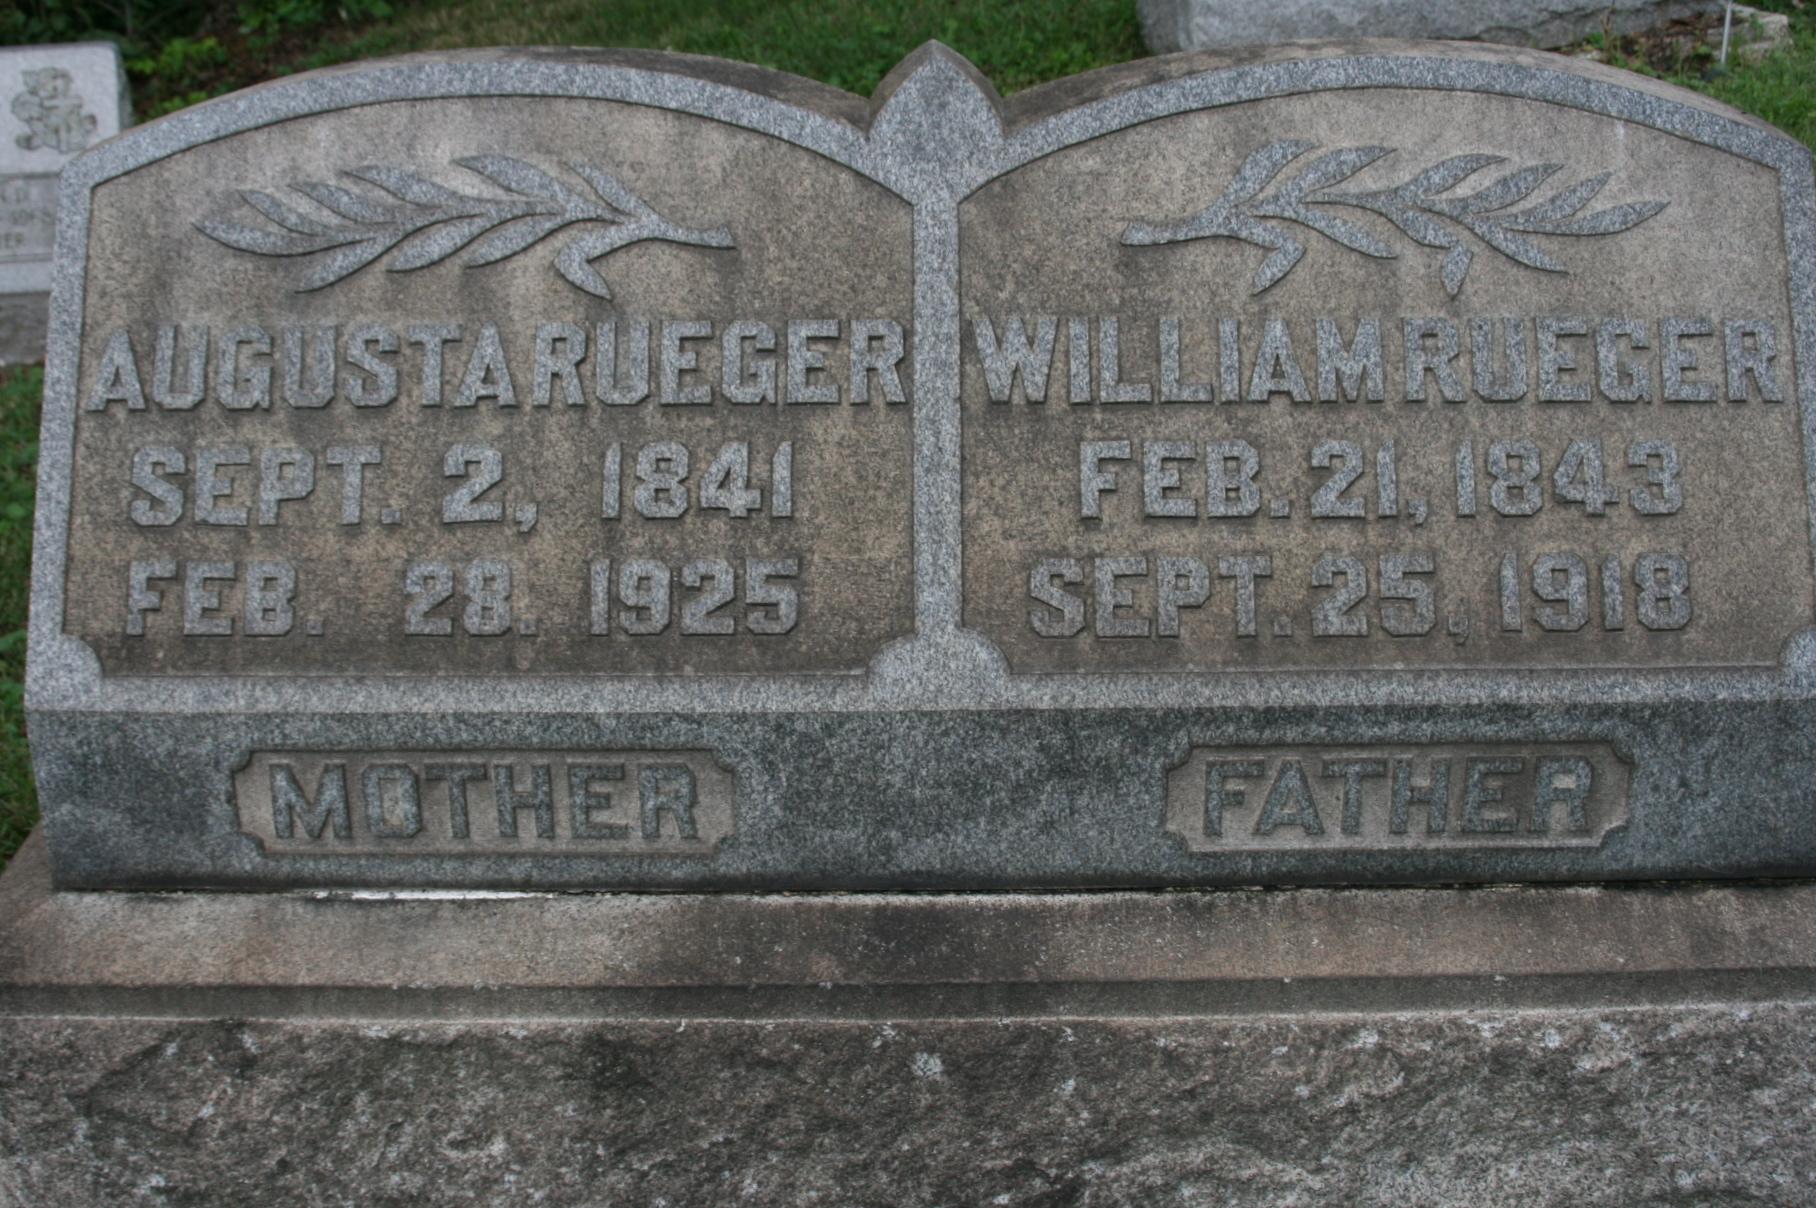 William Rueger